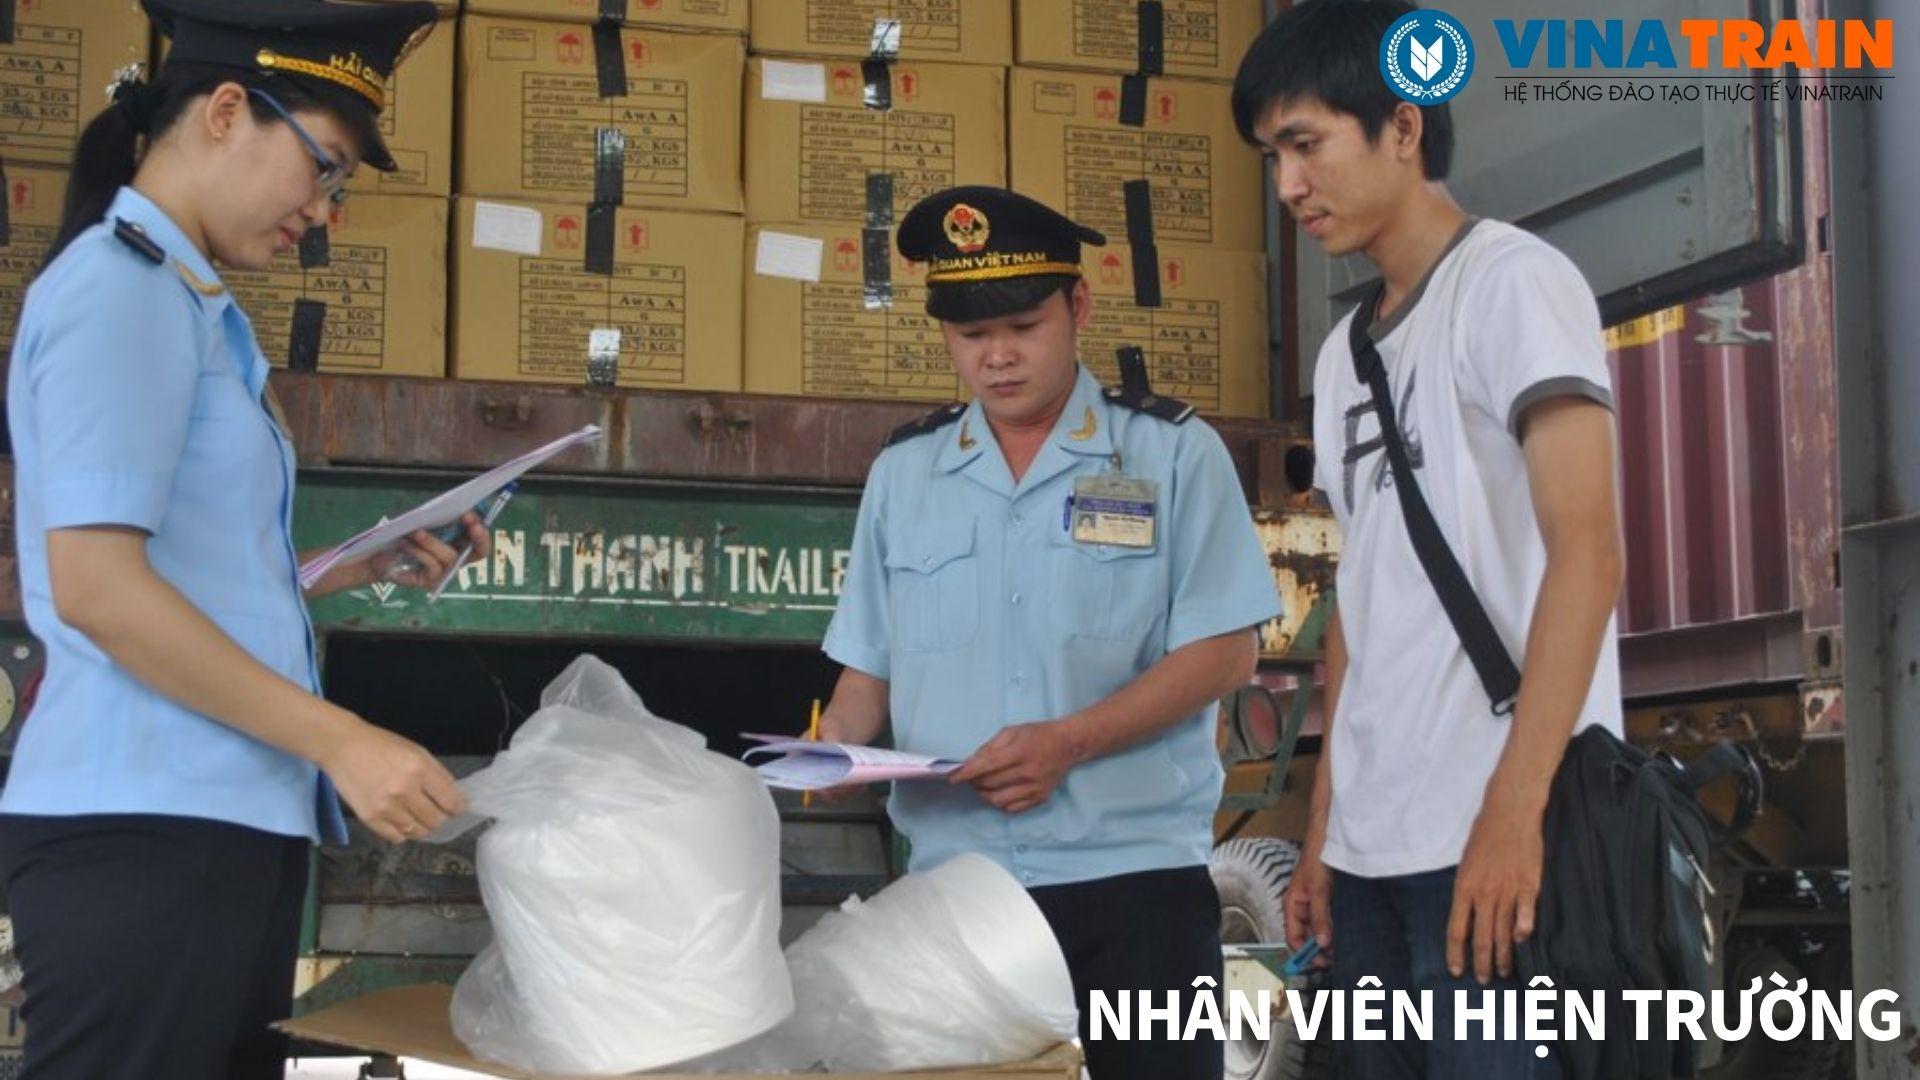 Lô hàng bị kiểm hóa nhân viên hiện trường đang cung cấp thông tin lô hàng cho cán bộ hải quan